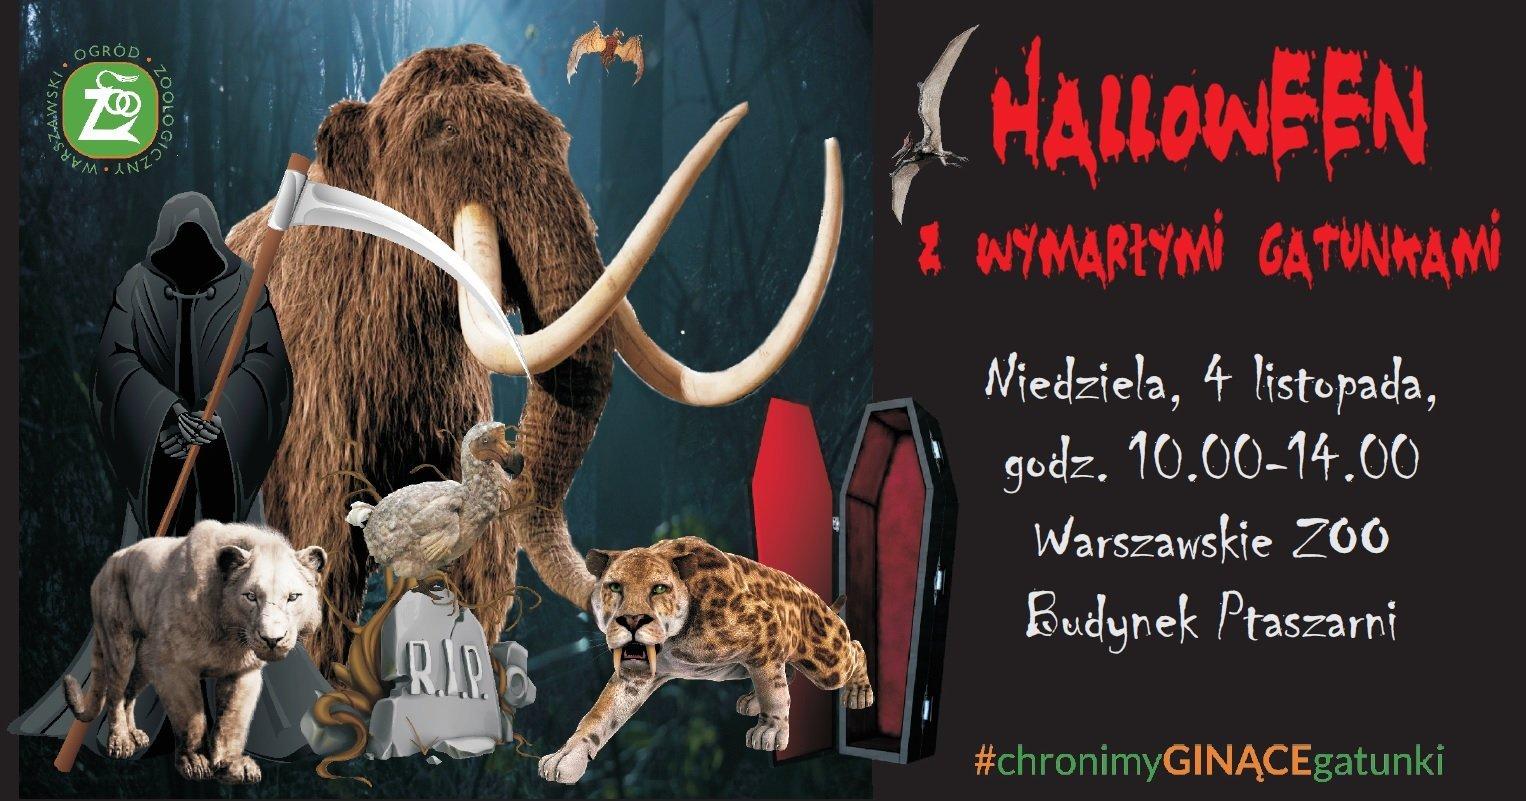 Halloween ze strasznymi zwierzakami i wymarłymi gatunkami